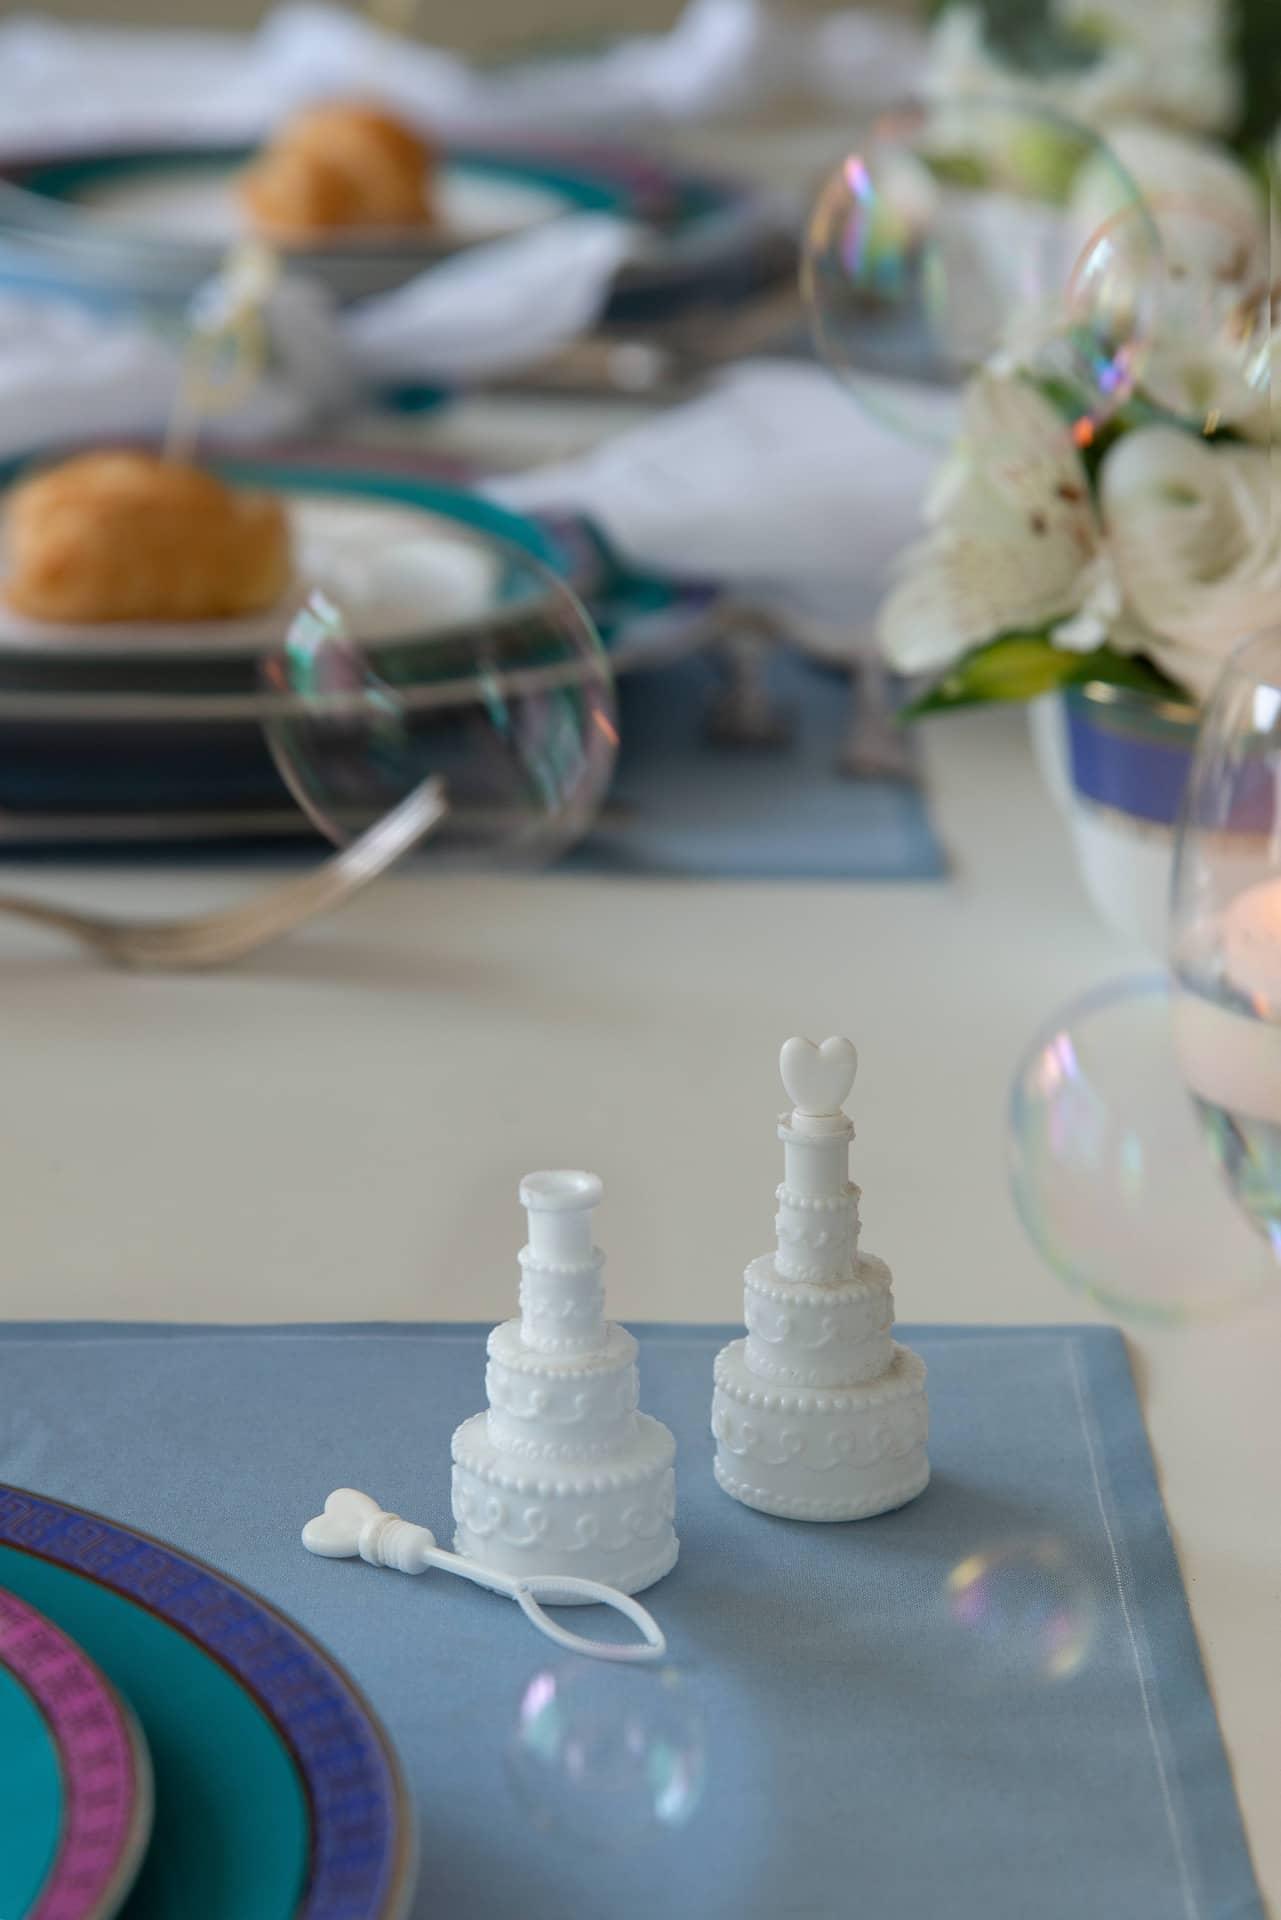 Imagem: Cada padrinho tem ao lado do seu prato um mimo extra: um tubinho de bolhas de sabão em formato de bolo de noiva, da Rica Festa.Viva a leveza e a descontração! Foto: Cacá Bratke